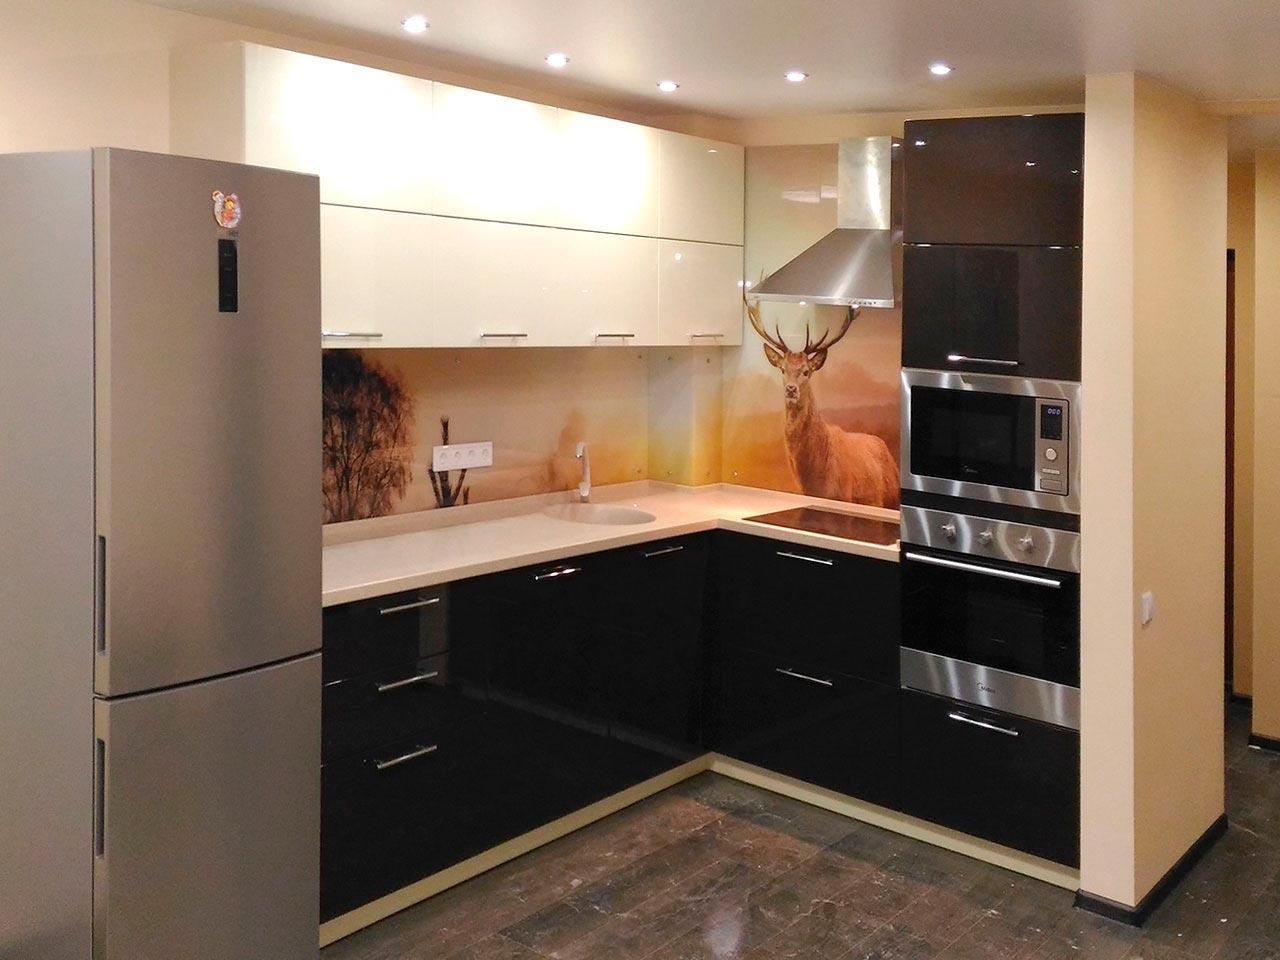 бытовая техника на угловой кухне